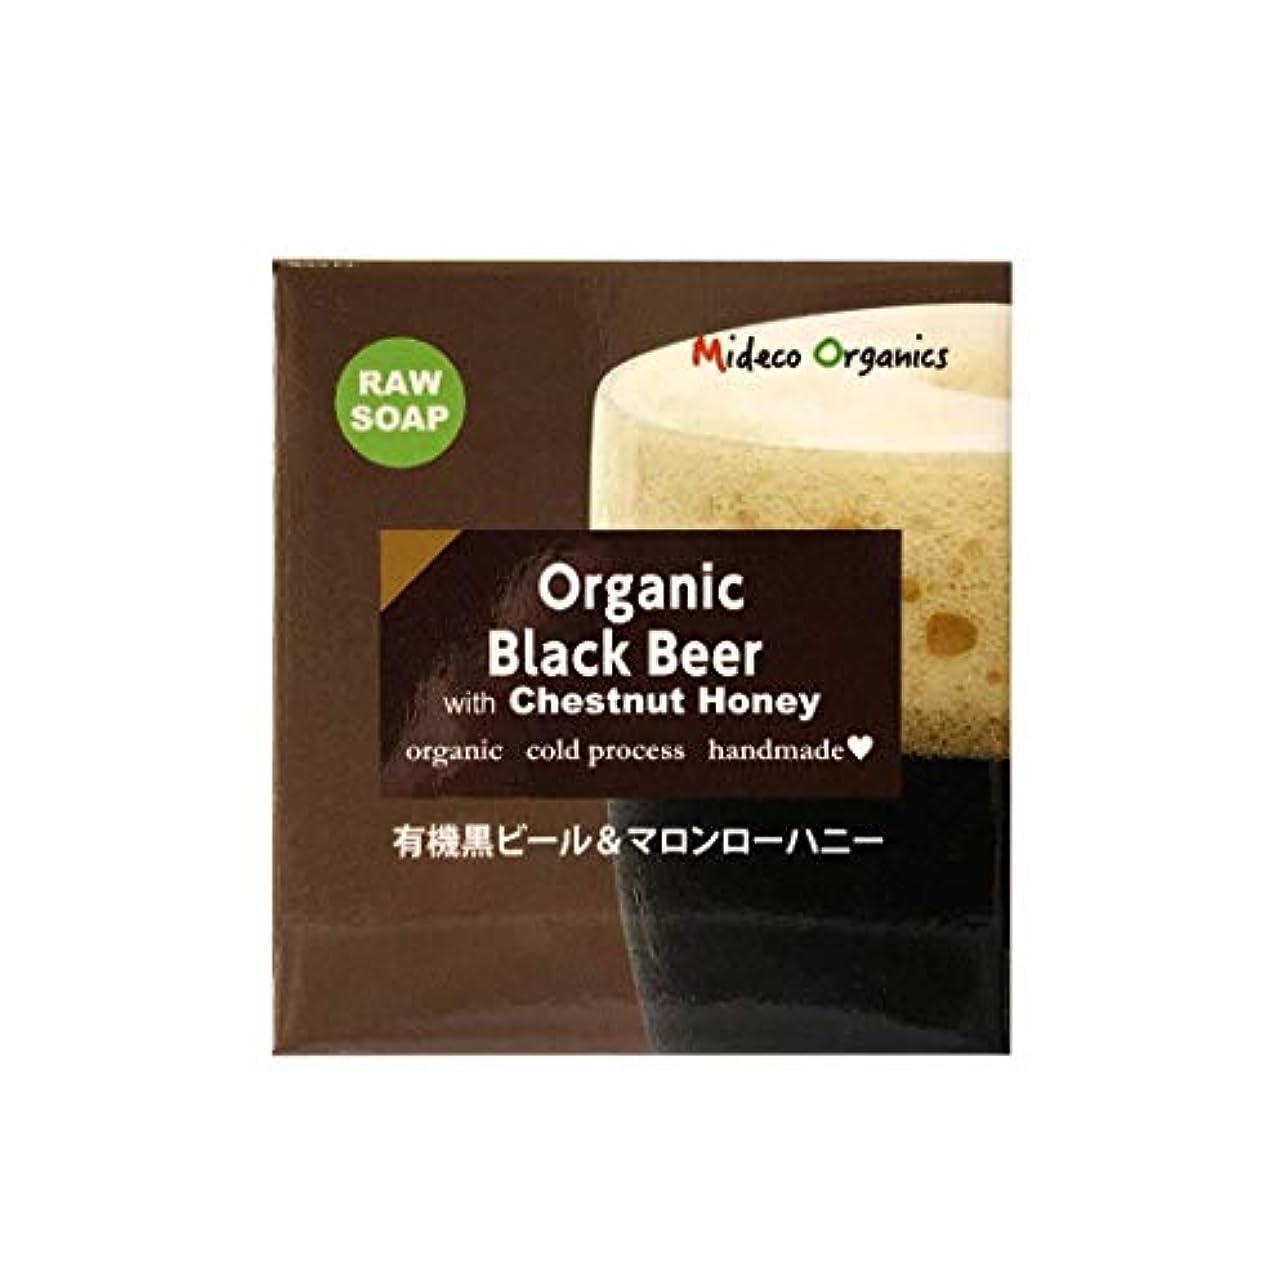 スティーブンソンロッカーダンプ有機黒ビール石鹸 Organic Black Beer Soap